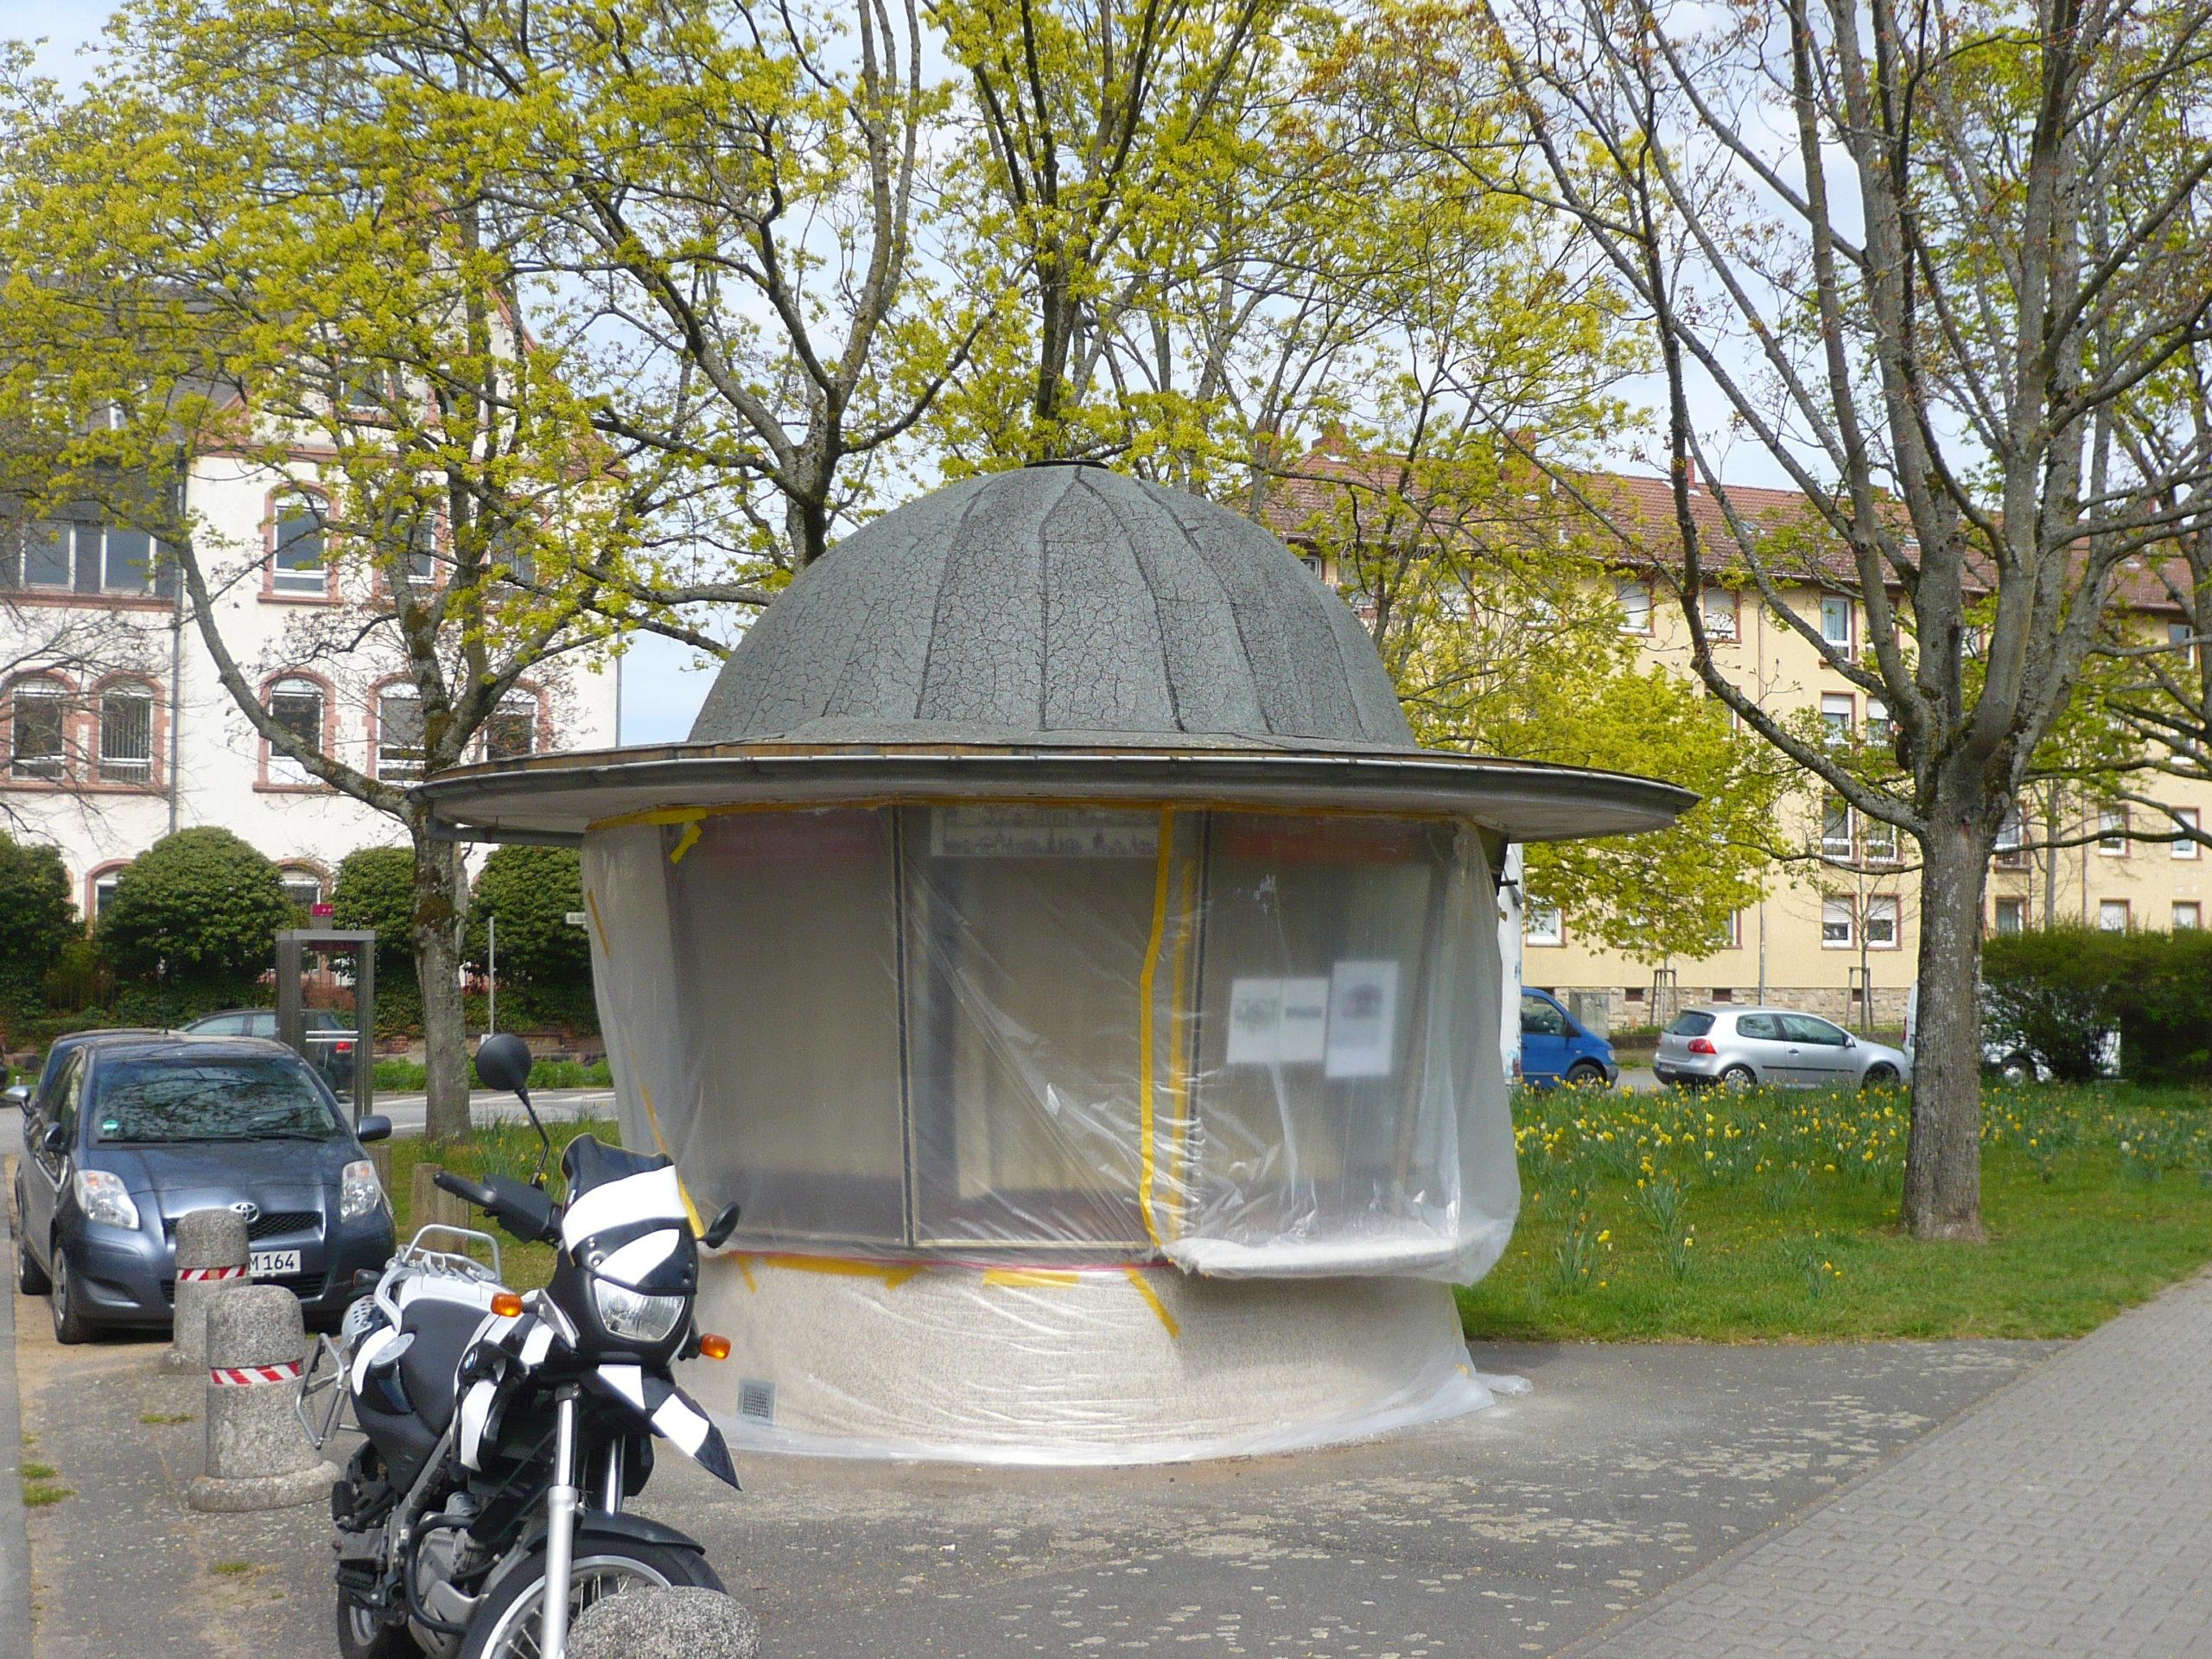 Kiosk 1975: Wir präsentieren – Christo-Verhüllungskunst in der Postsiedlung :-)